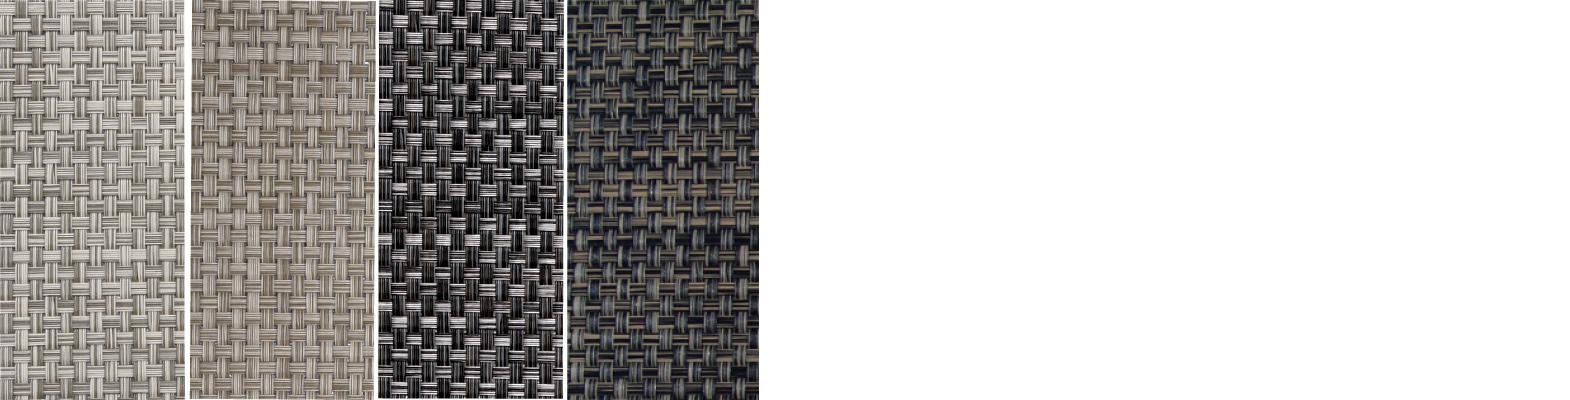 Tappeto da esterno wik tappeti altamente tecnici con filato rinforzato indistruttibile - Tappeti da esterno ...